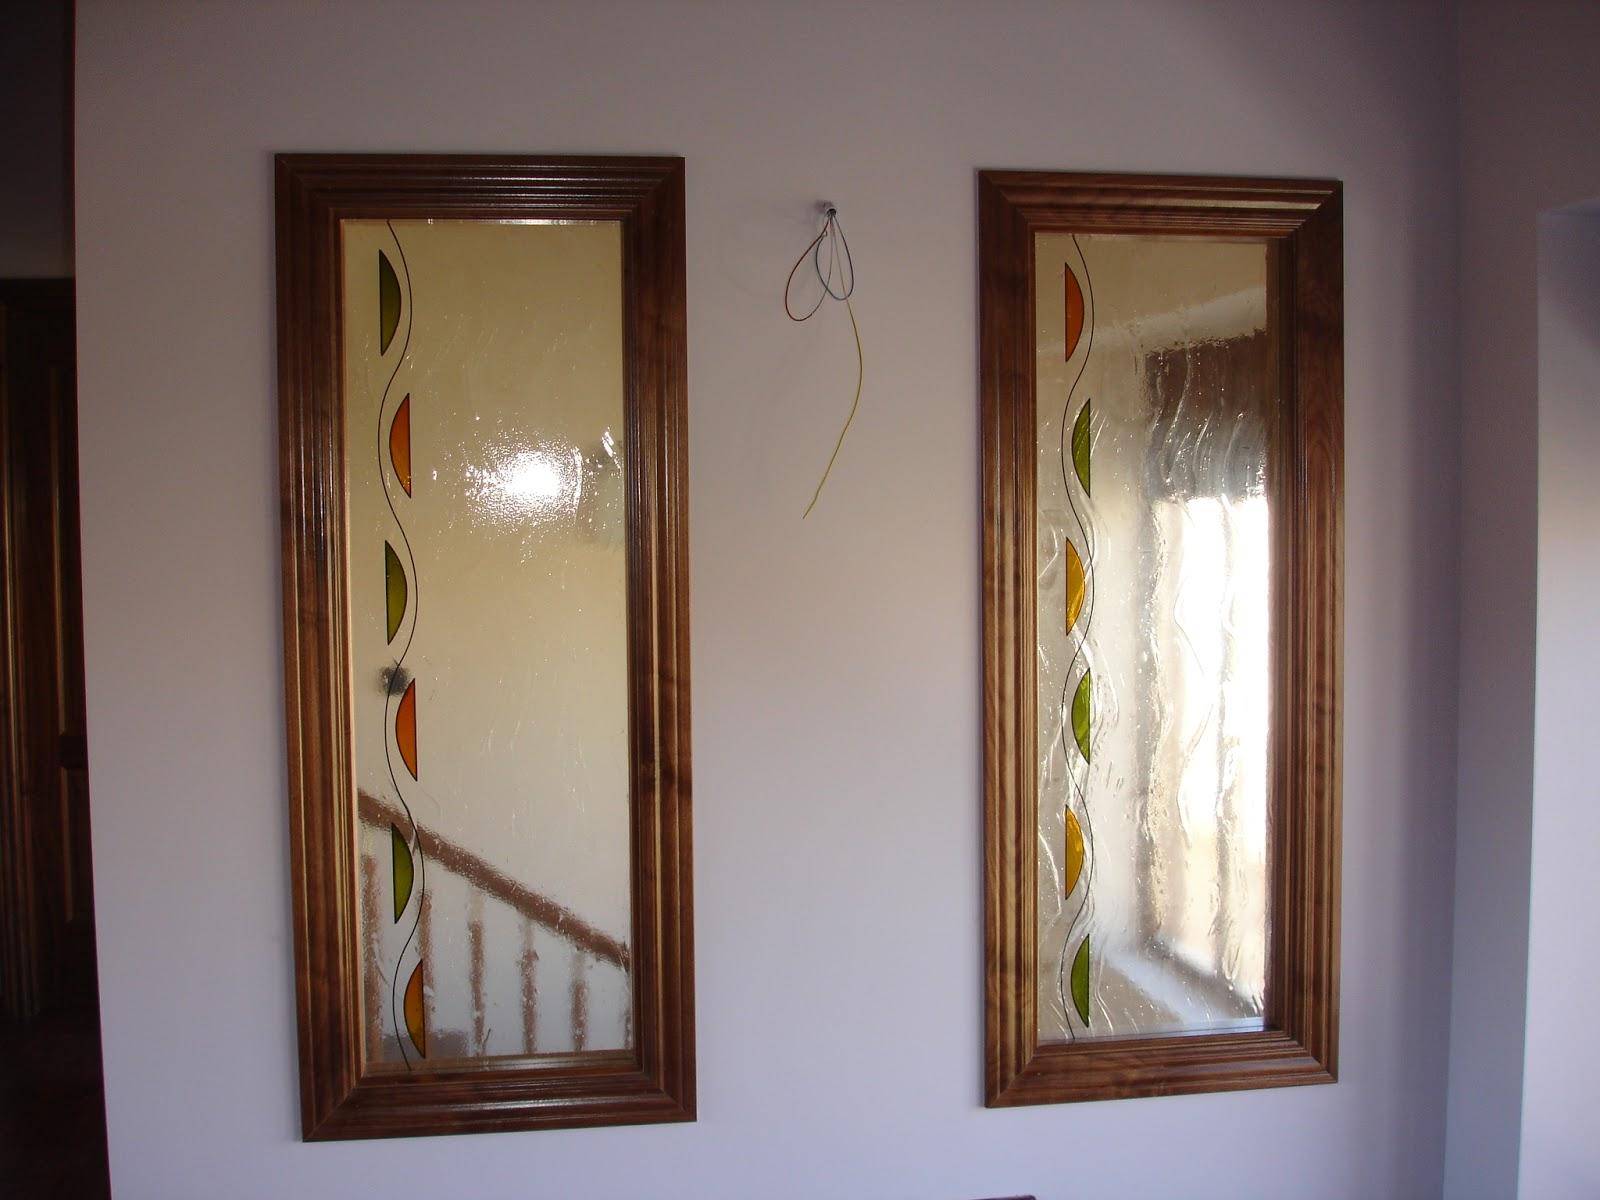 Vidrieras para puertas de interior for Puertas con vidrieras decorativas